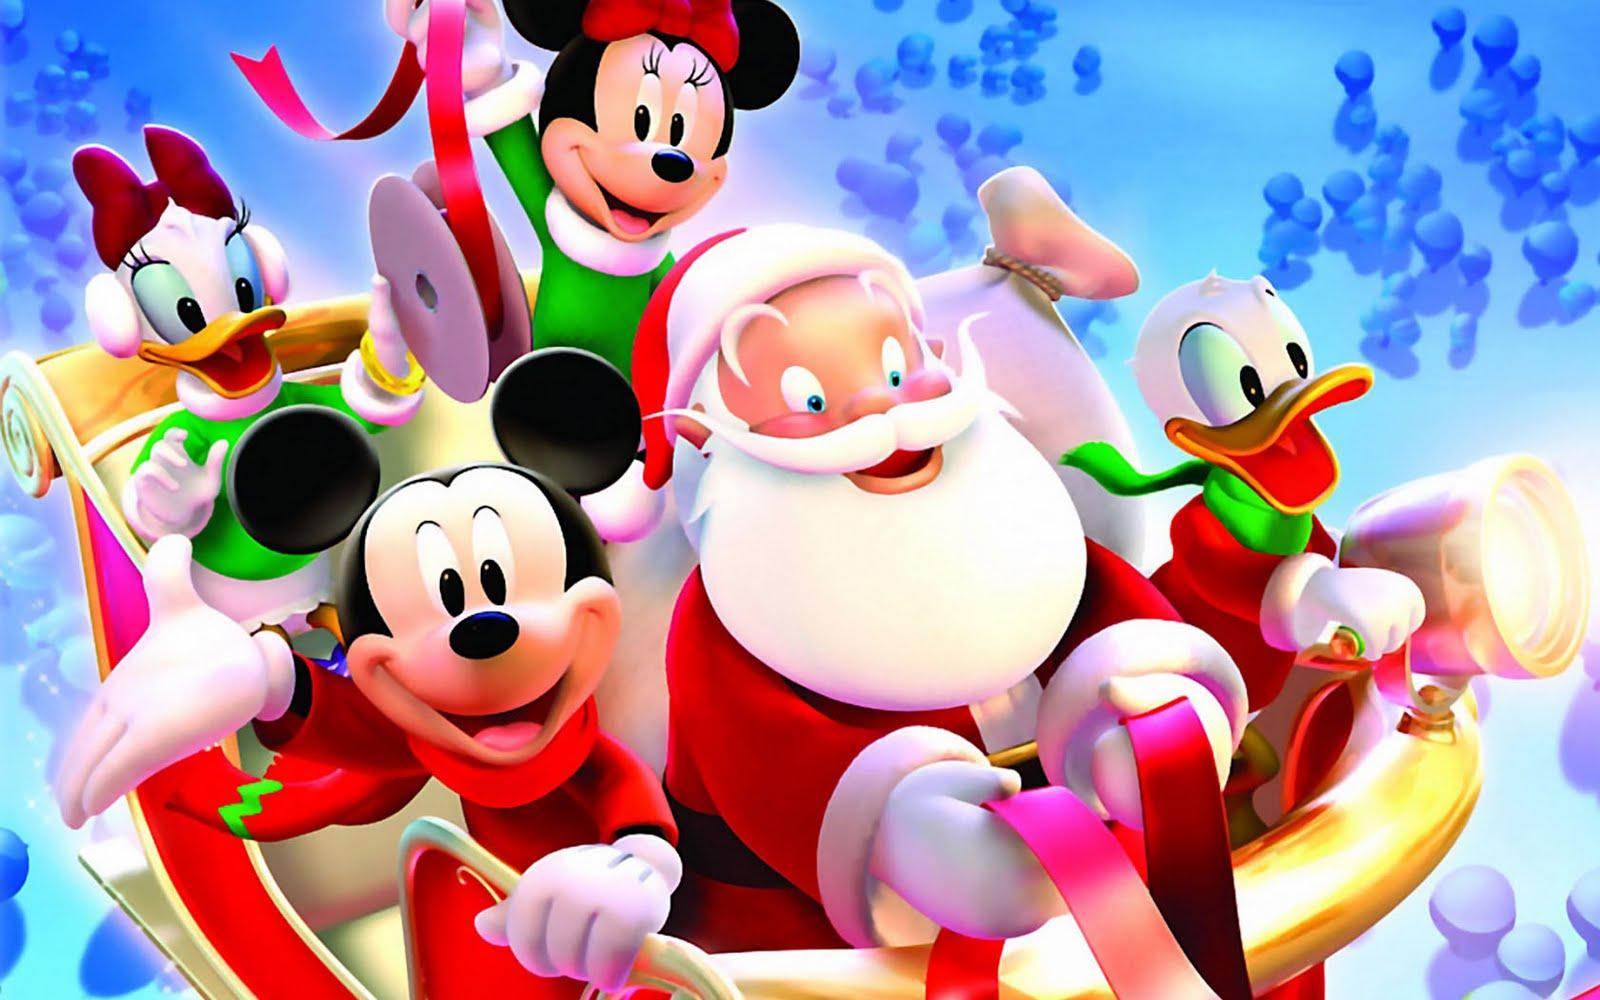 A Kid at Christmas 5 adorable Disney Christmas wallpapers 1600x1000